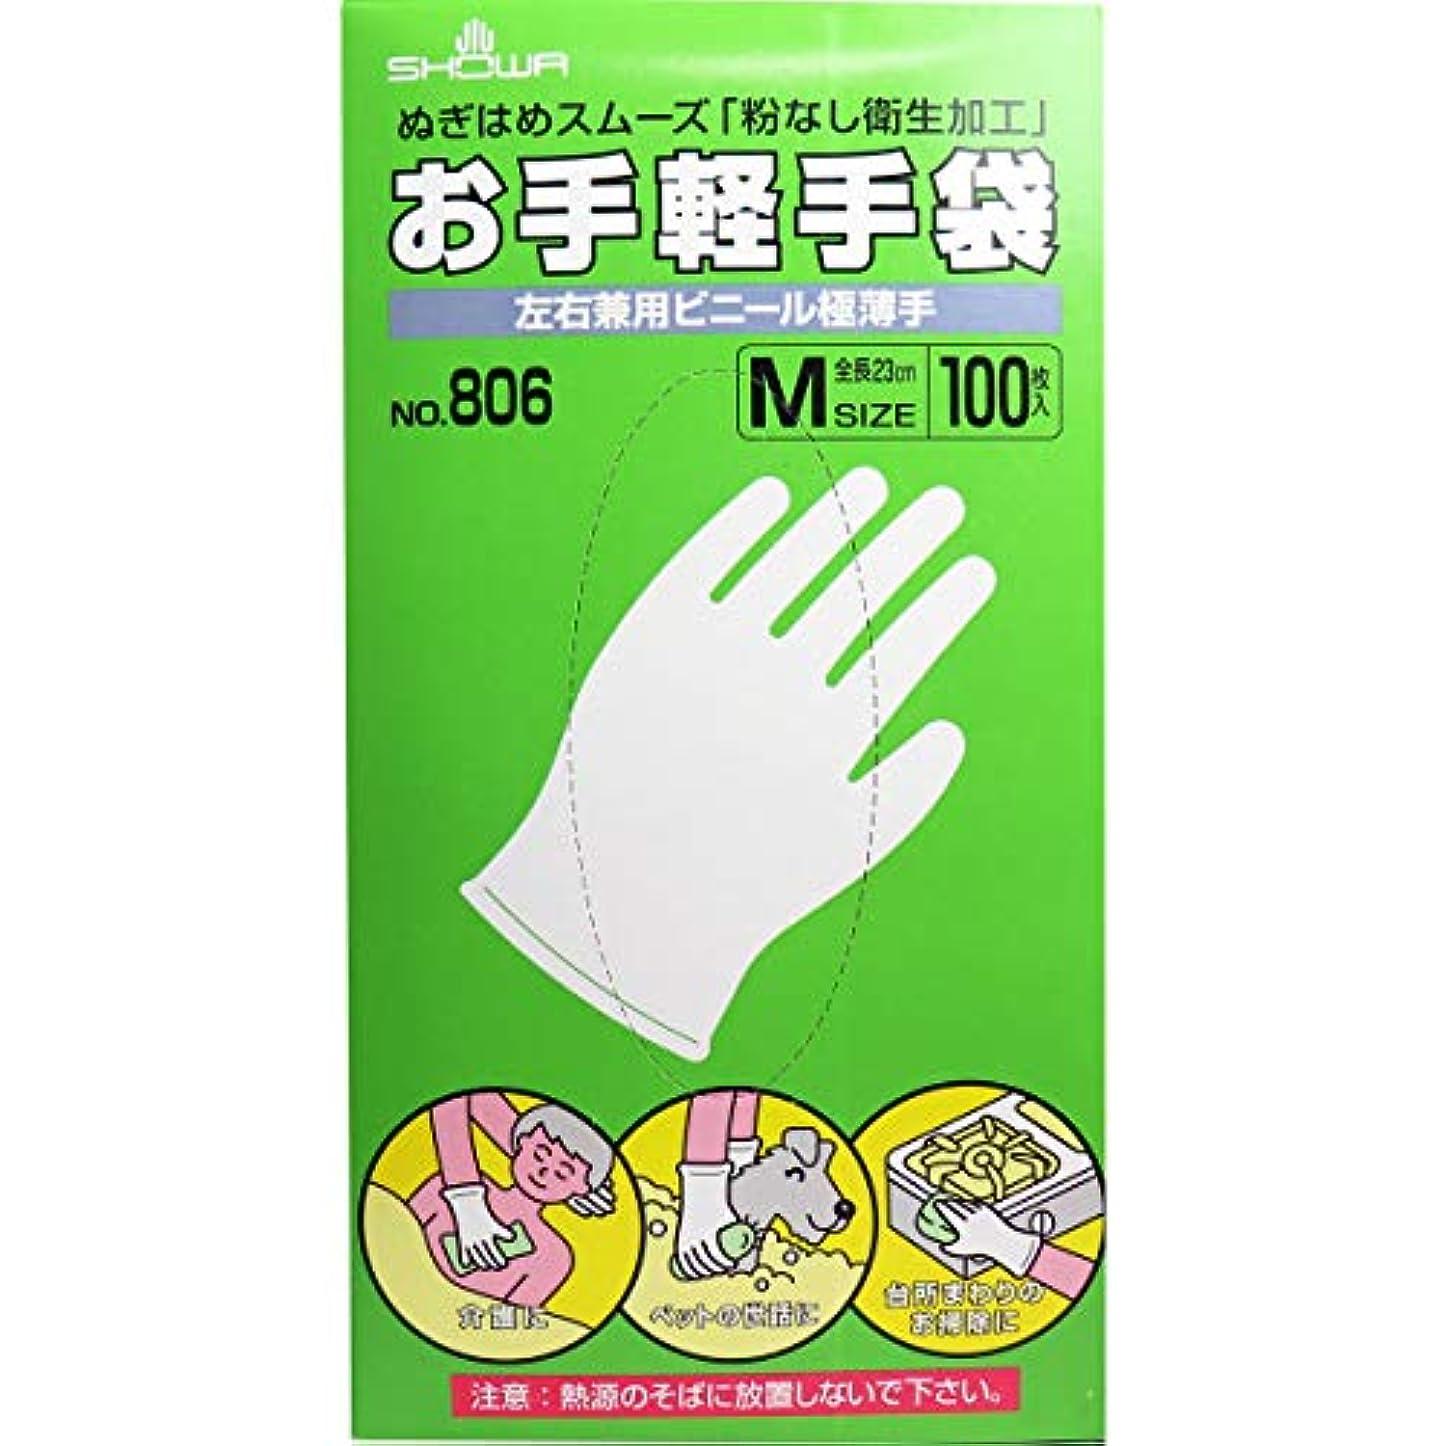 南極バナナ回想お手軽手袋 No.806 左右兼用ビニール極薄手 粉なし Mサイズ 100枚入×10個セット